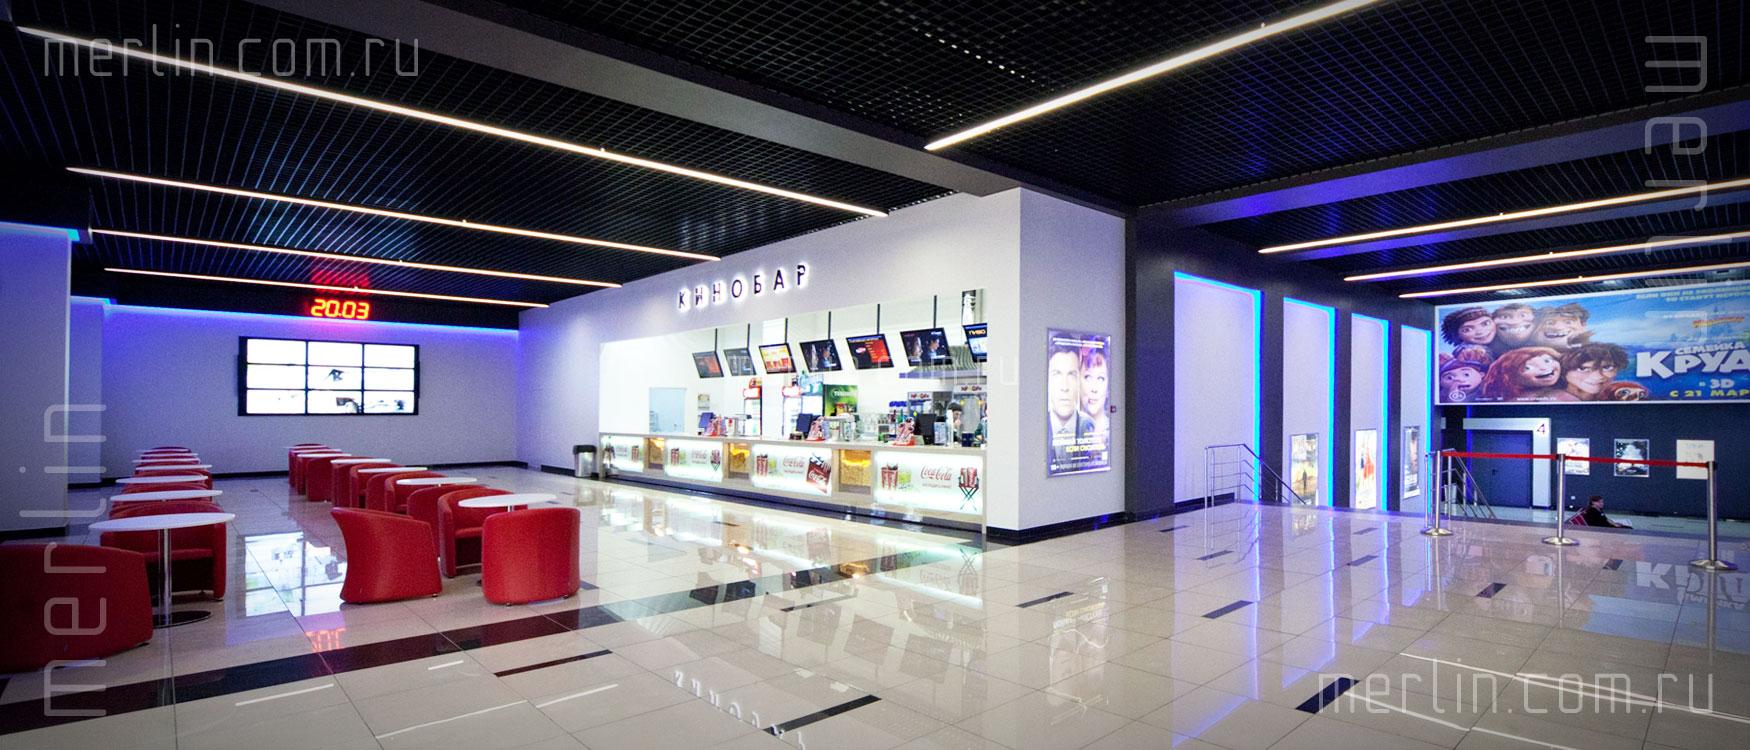 Дизайн зала в квартире - 150 фото вариантов интерьера зала Интерьер дизайн конференц залов